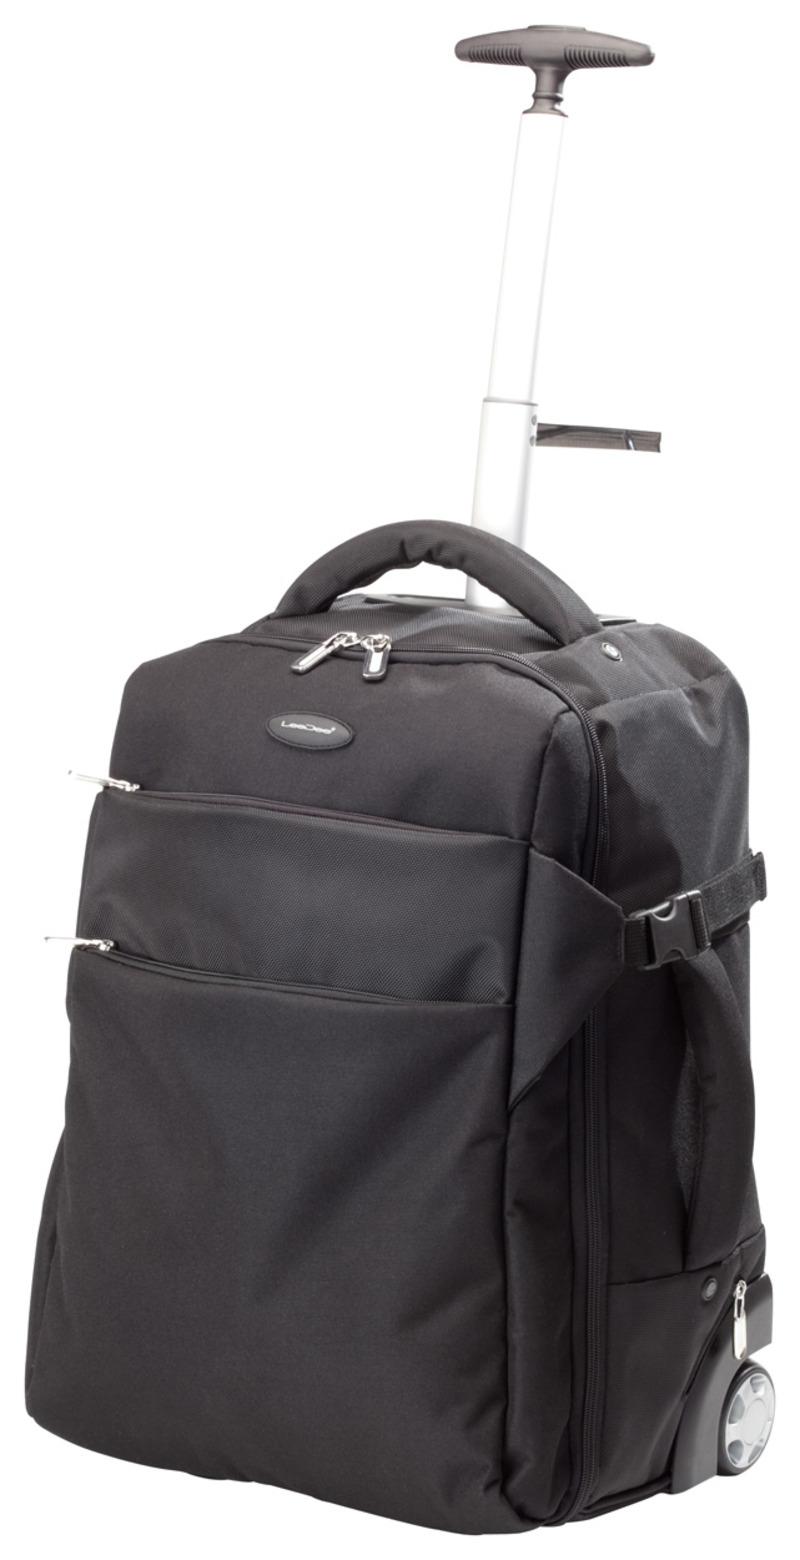 Kuman backpack trolley